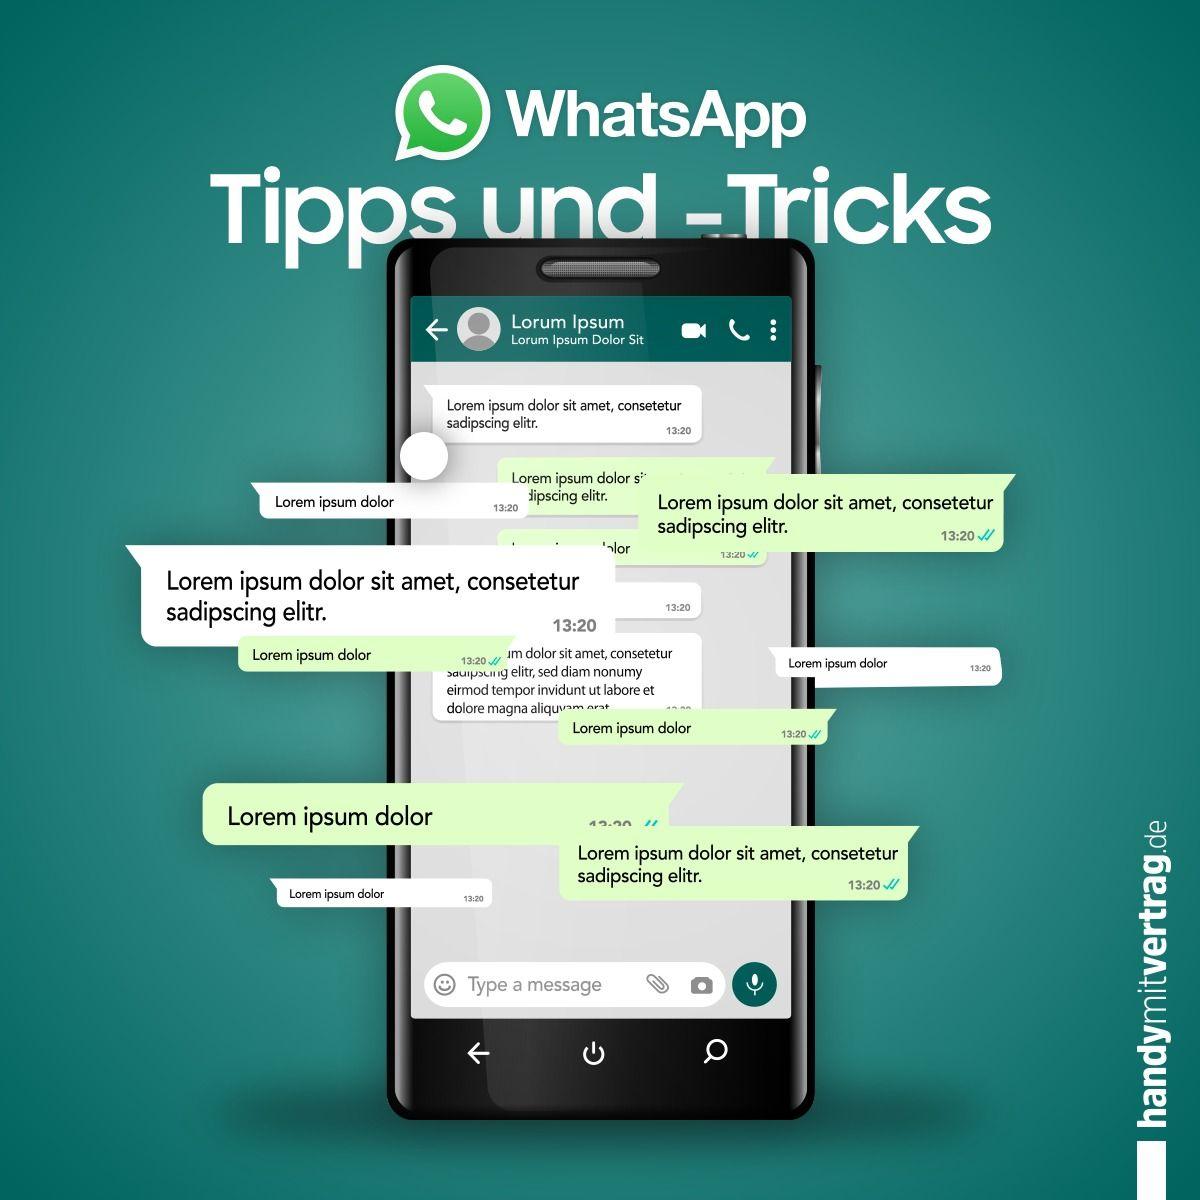 Wenn Auch Du Ein Treuer Whatsapp Nutzer Bist Und Die Versteckten Tricks Kennenlernen Mochtest Laden Wir Dich Ein U Whatsapp Tipps Tipps Und Tricks Handy Check